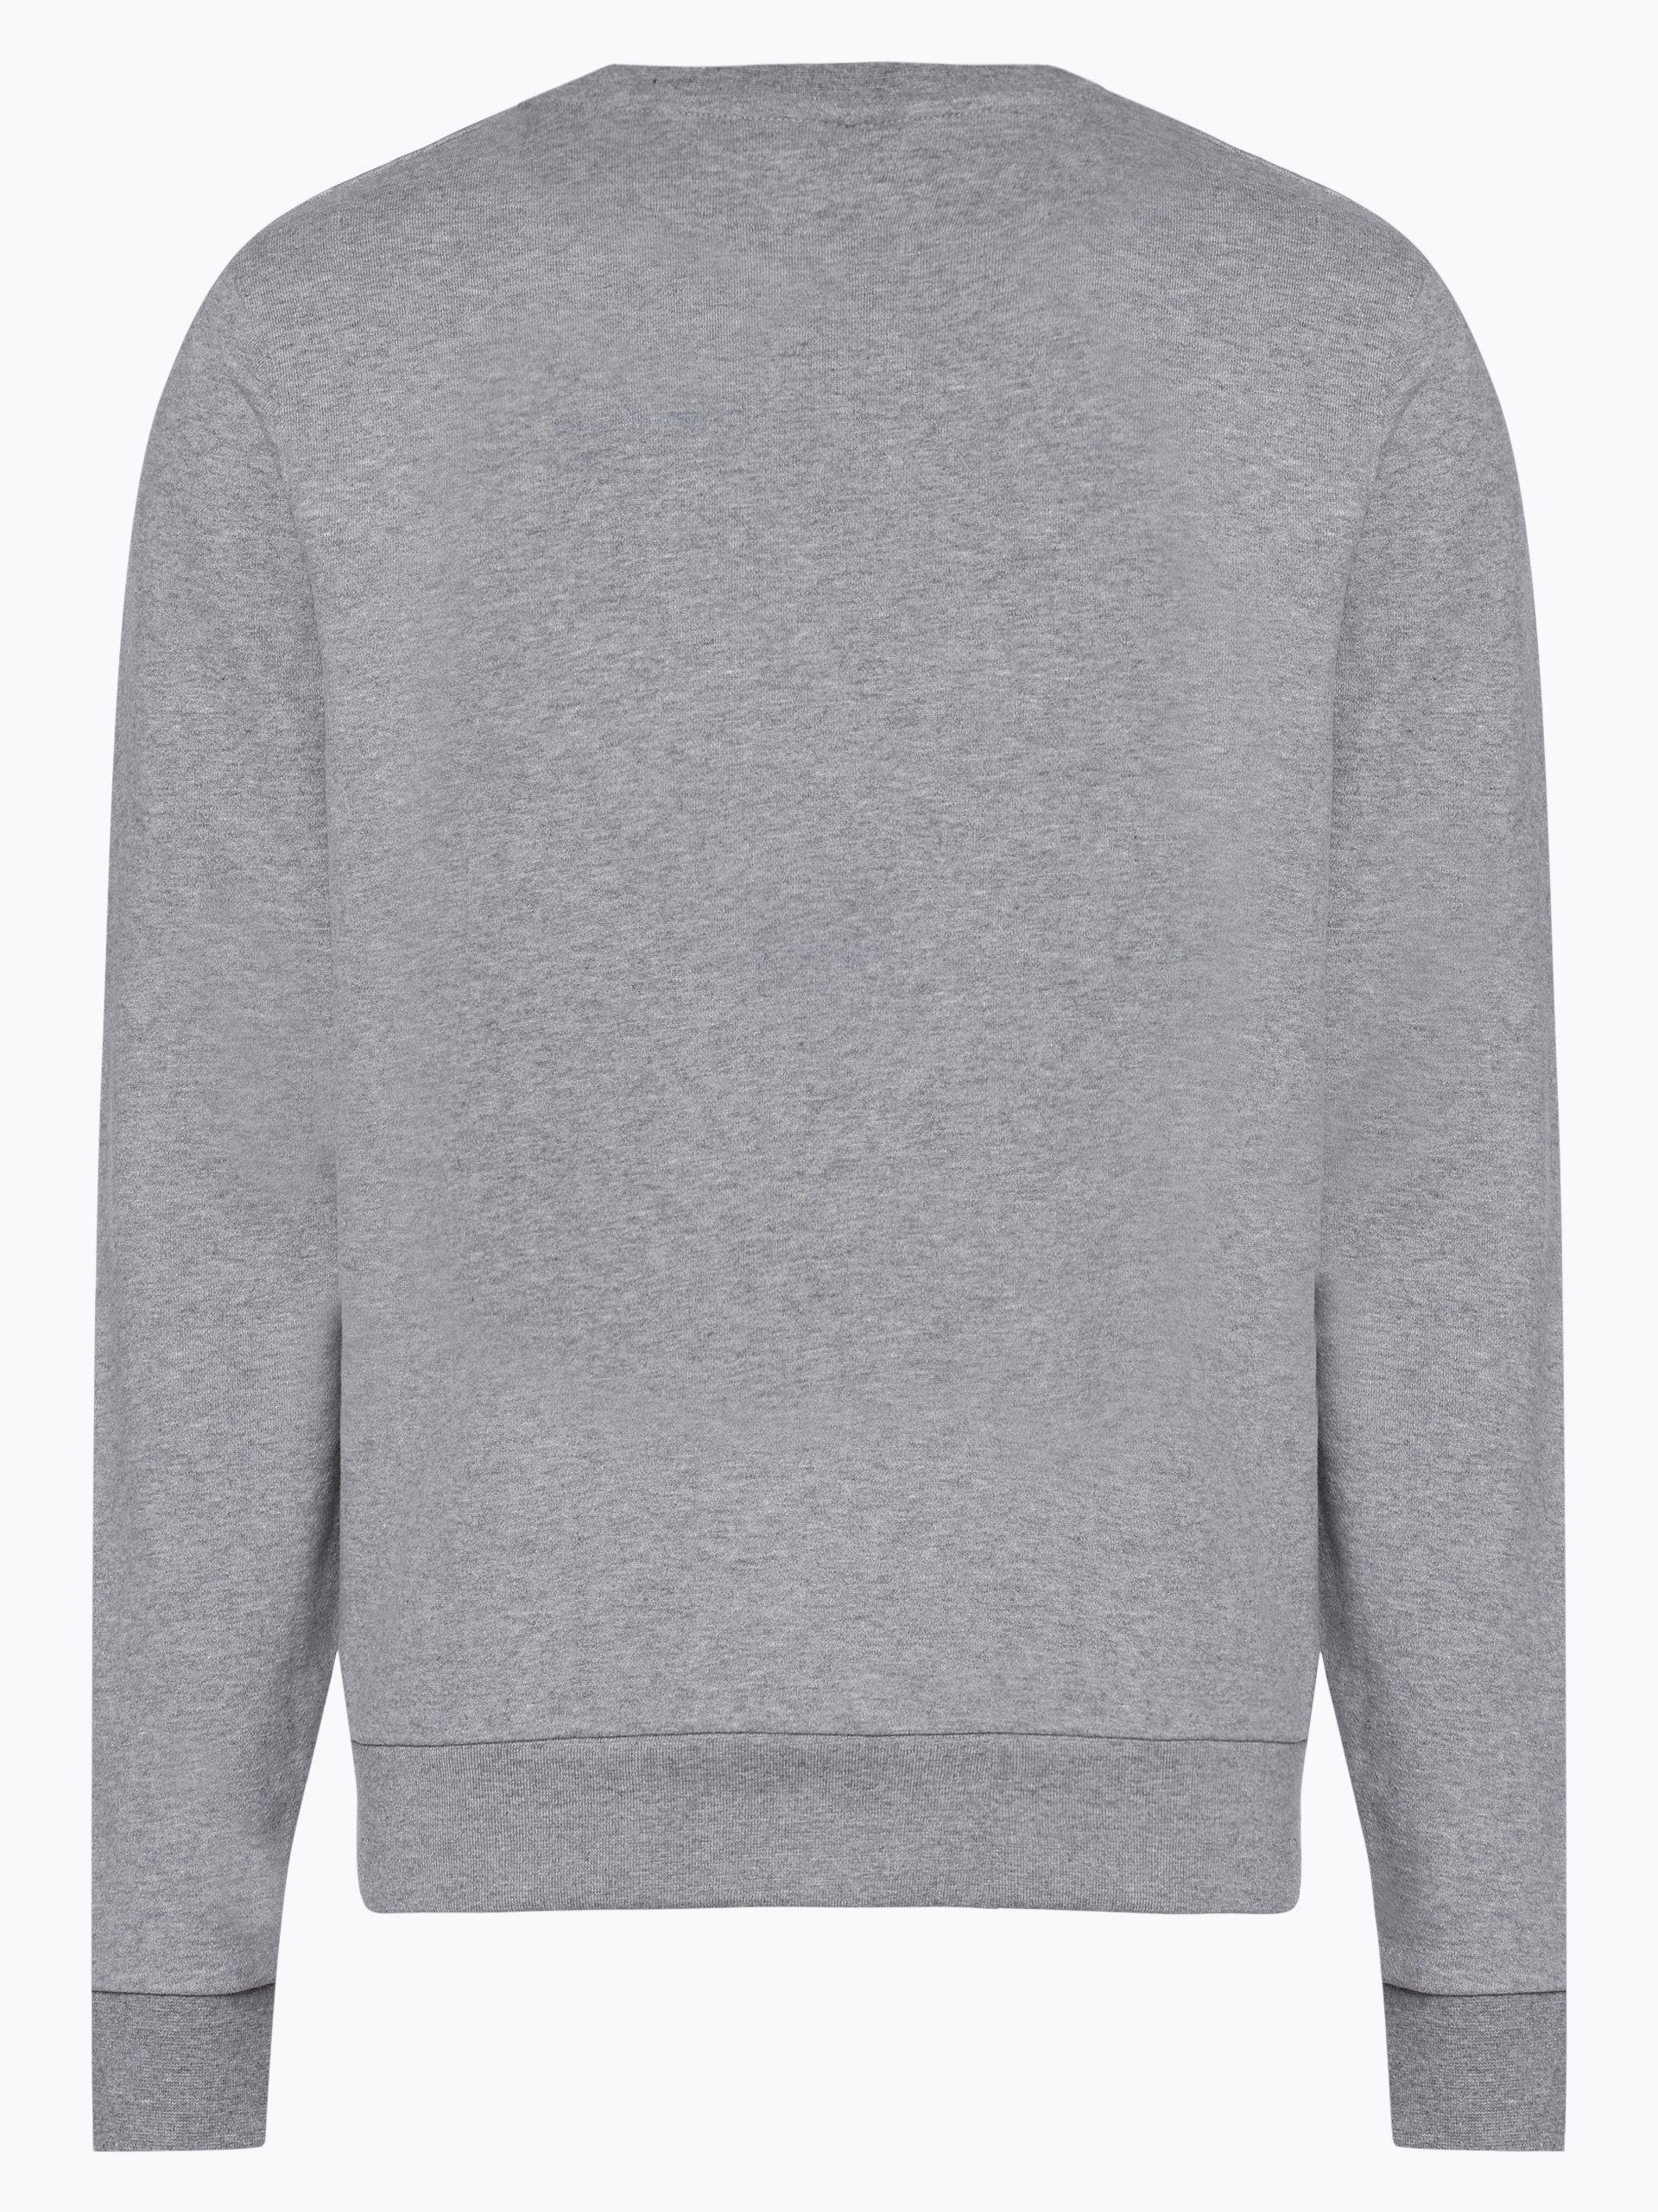 calvin klein herren sweatshirt grau bedruckt online kaufen vangraaf com. Black Bedroom Furniture Sets. Home Design Ideas